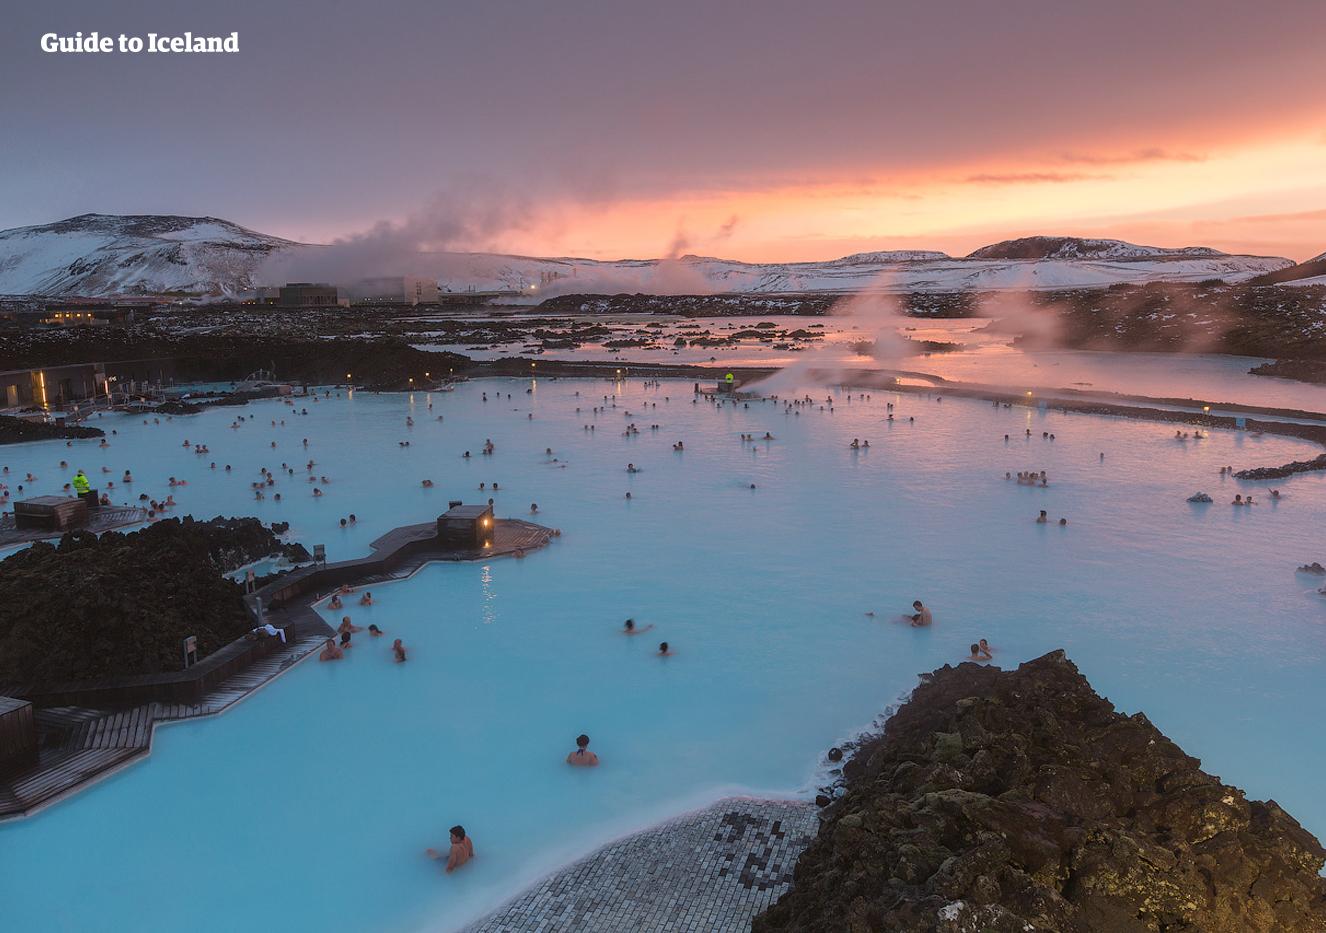 Før en lang flyvetur og efter en lang ferie er Den Blå Lagune det ideelle sted til at komme af med eventuel stress.